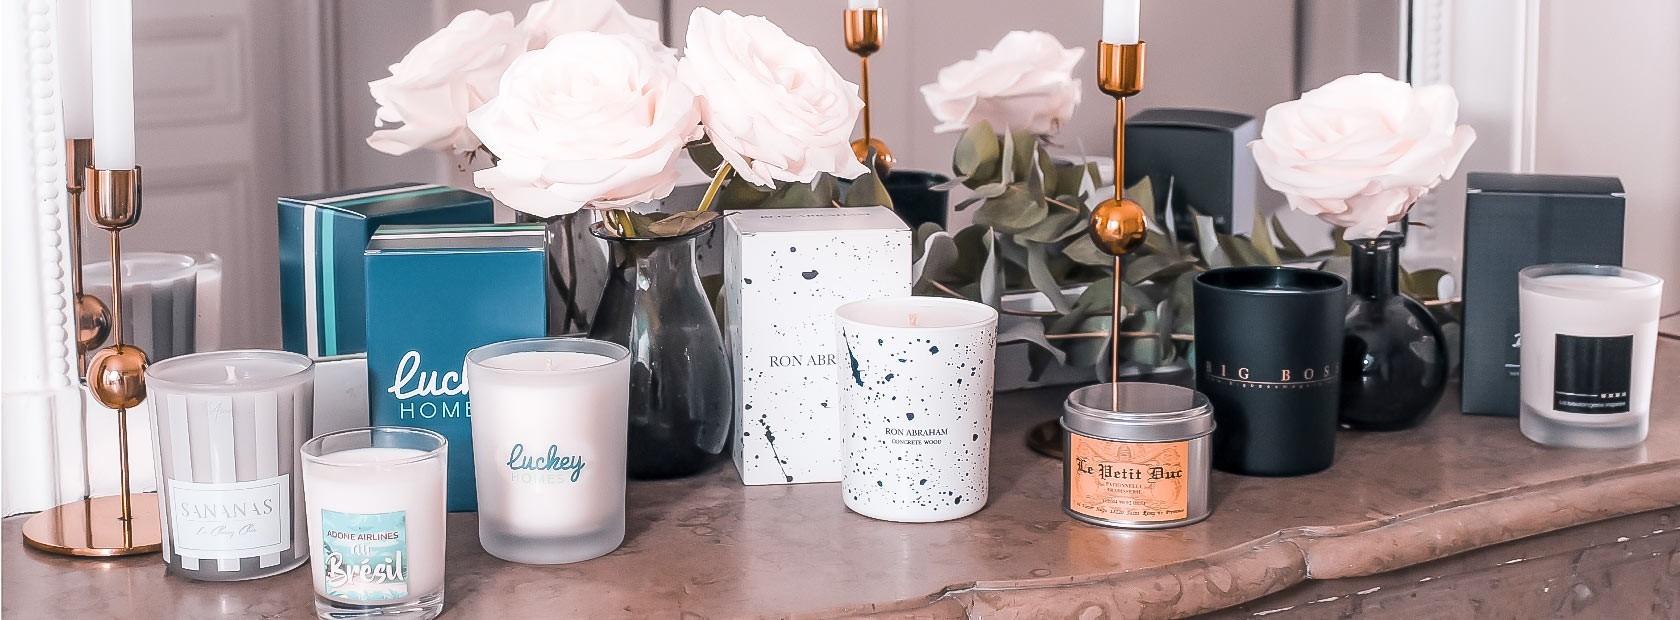 Personalized candles | L'Aurore Paris